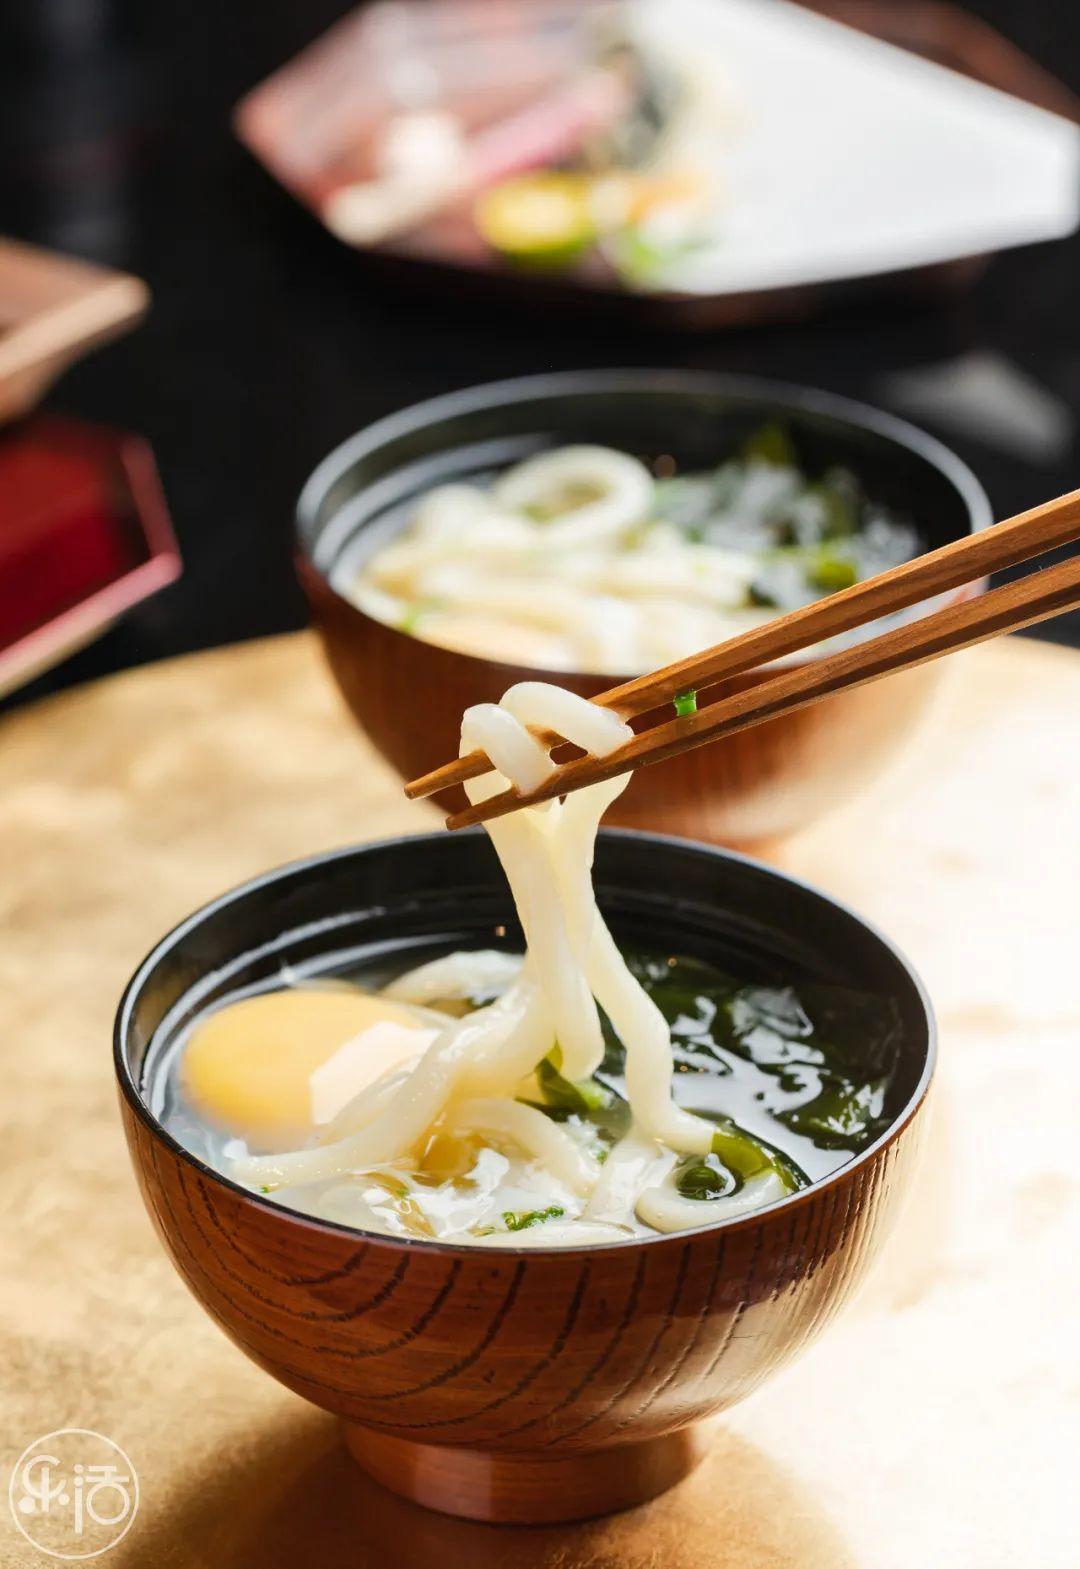 全杭州Zui大的会席料理店来袭!人均600元就能体验到的Top级日料,来自日本饮食文化的上等名流之选!(图56)